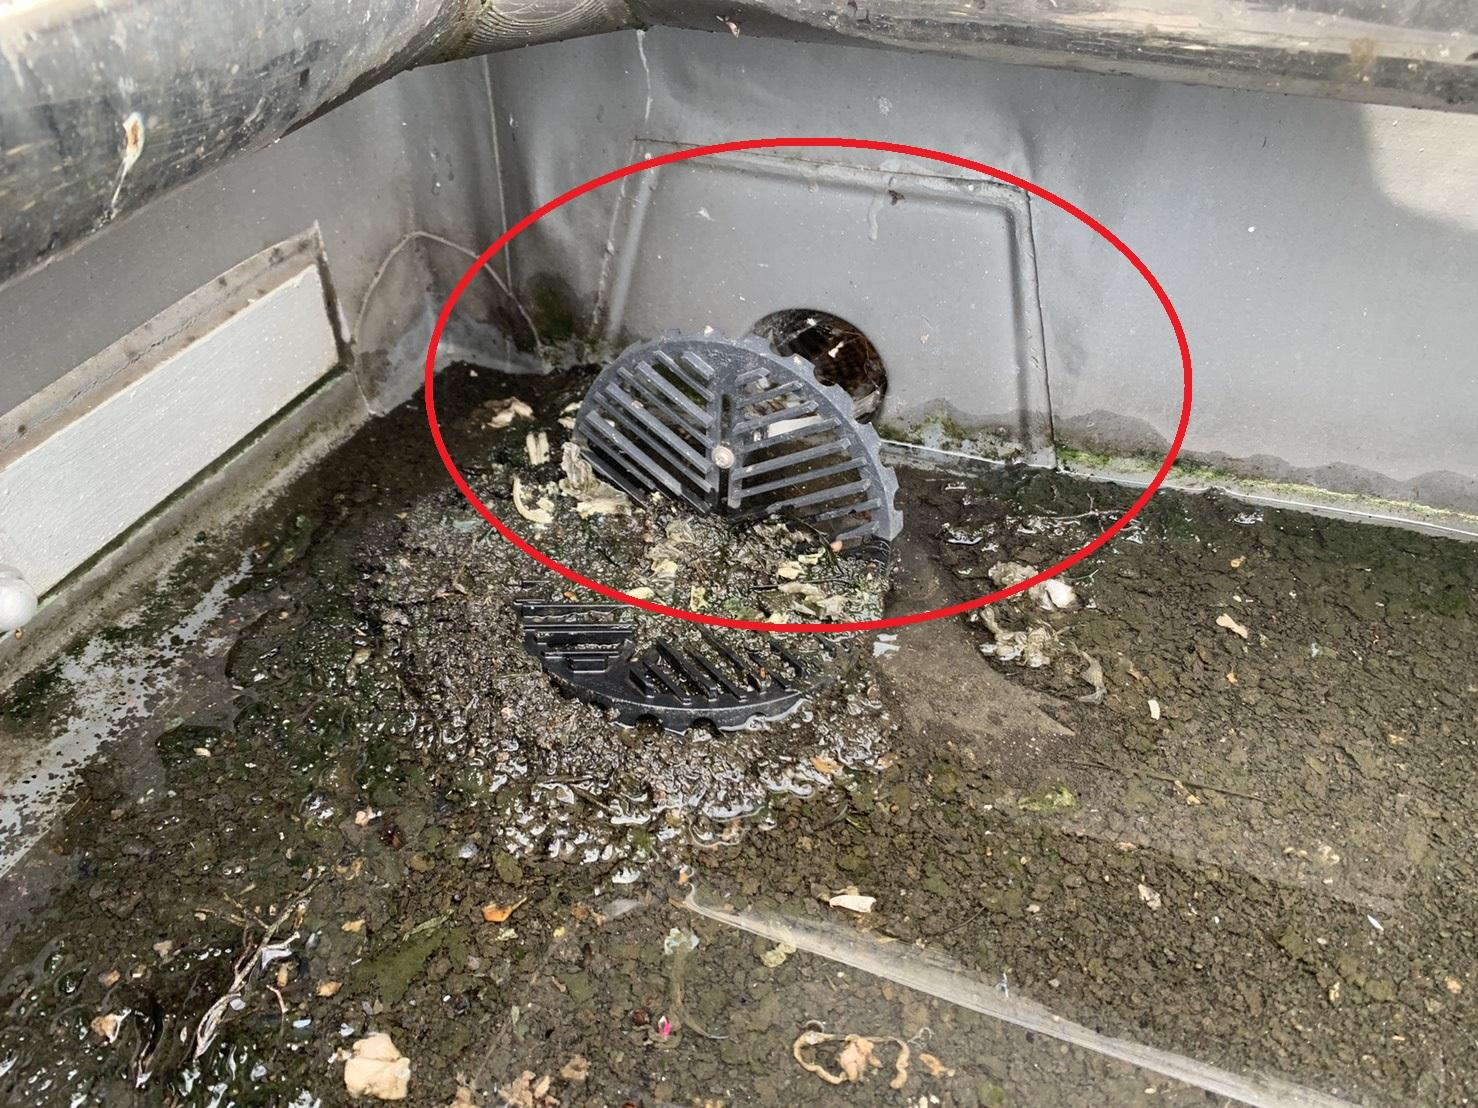 神戸市のビルの屋上で排水溝が詰まっている様子